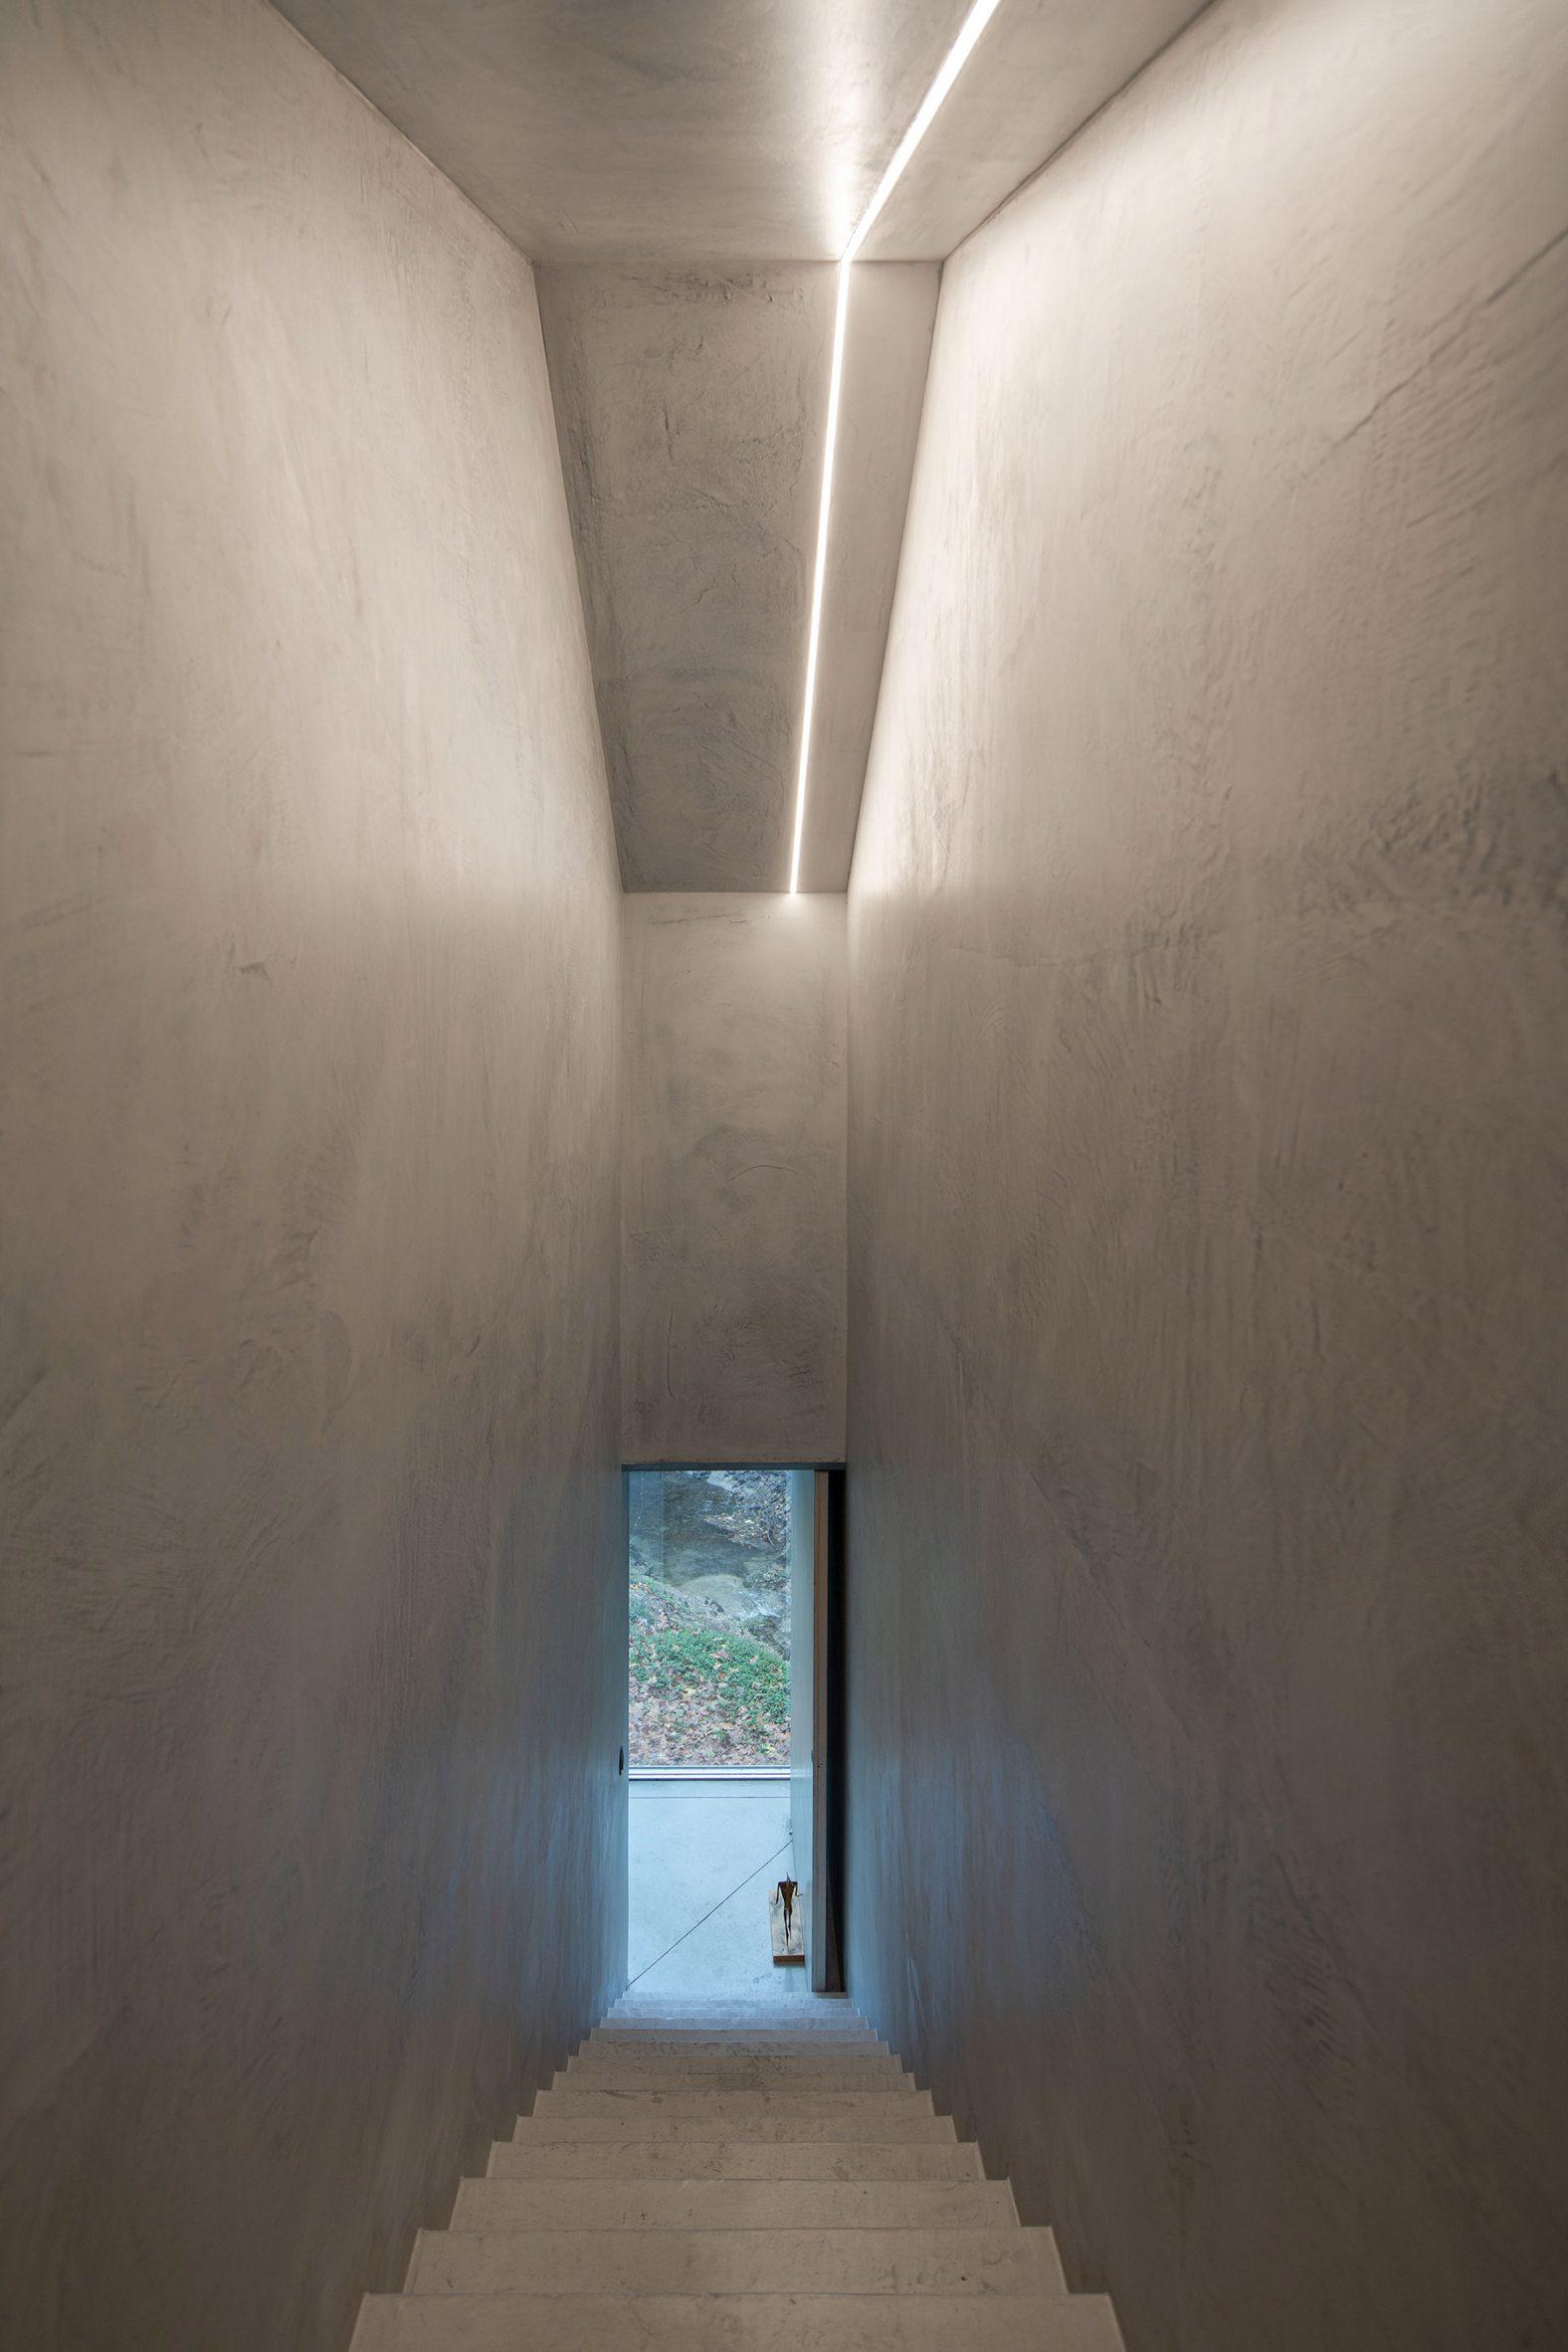 A corridor at Casa na Caniçada leads between levels